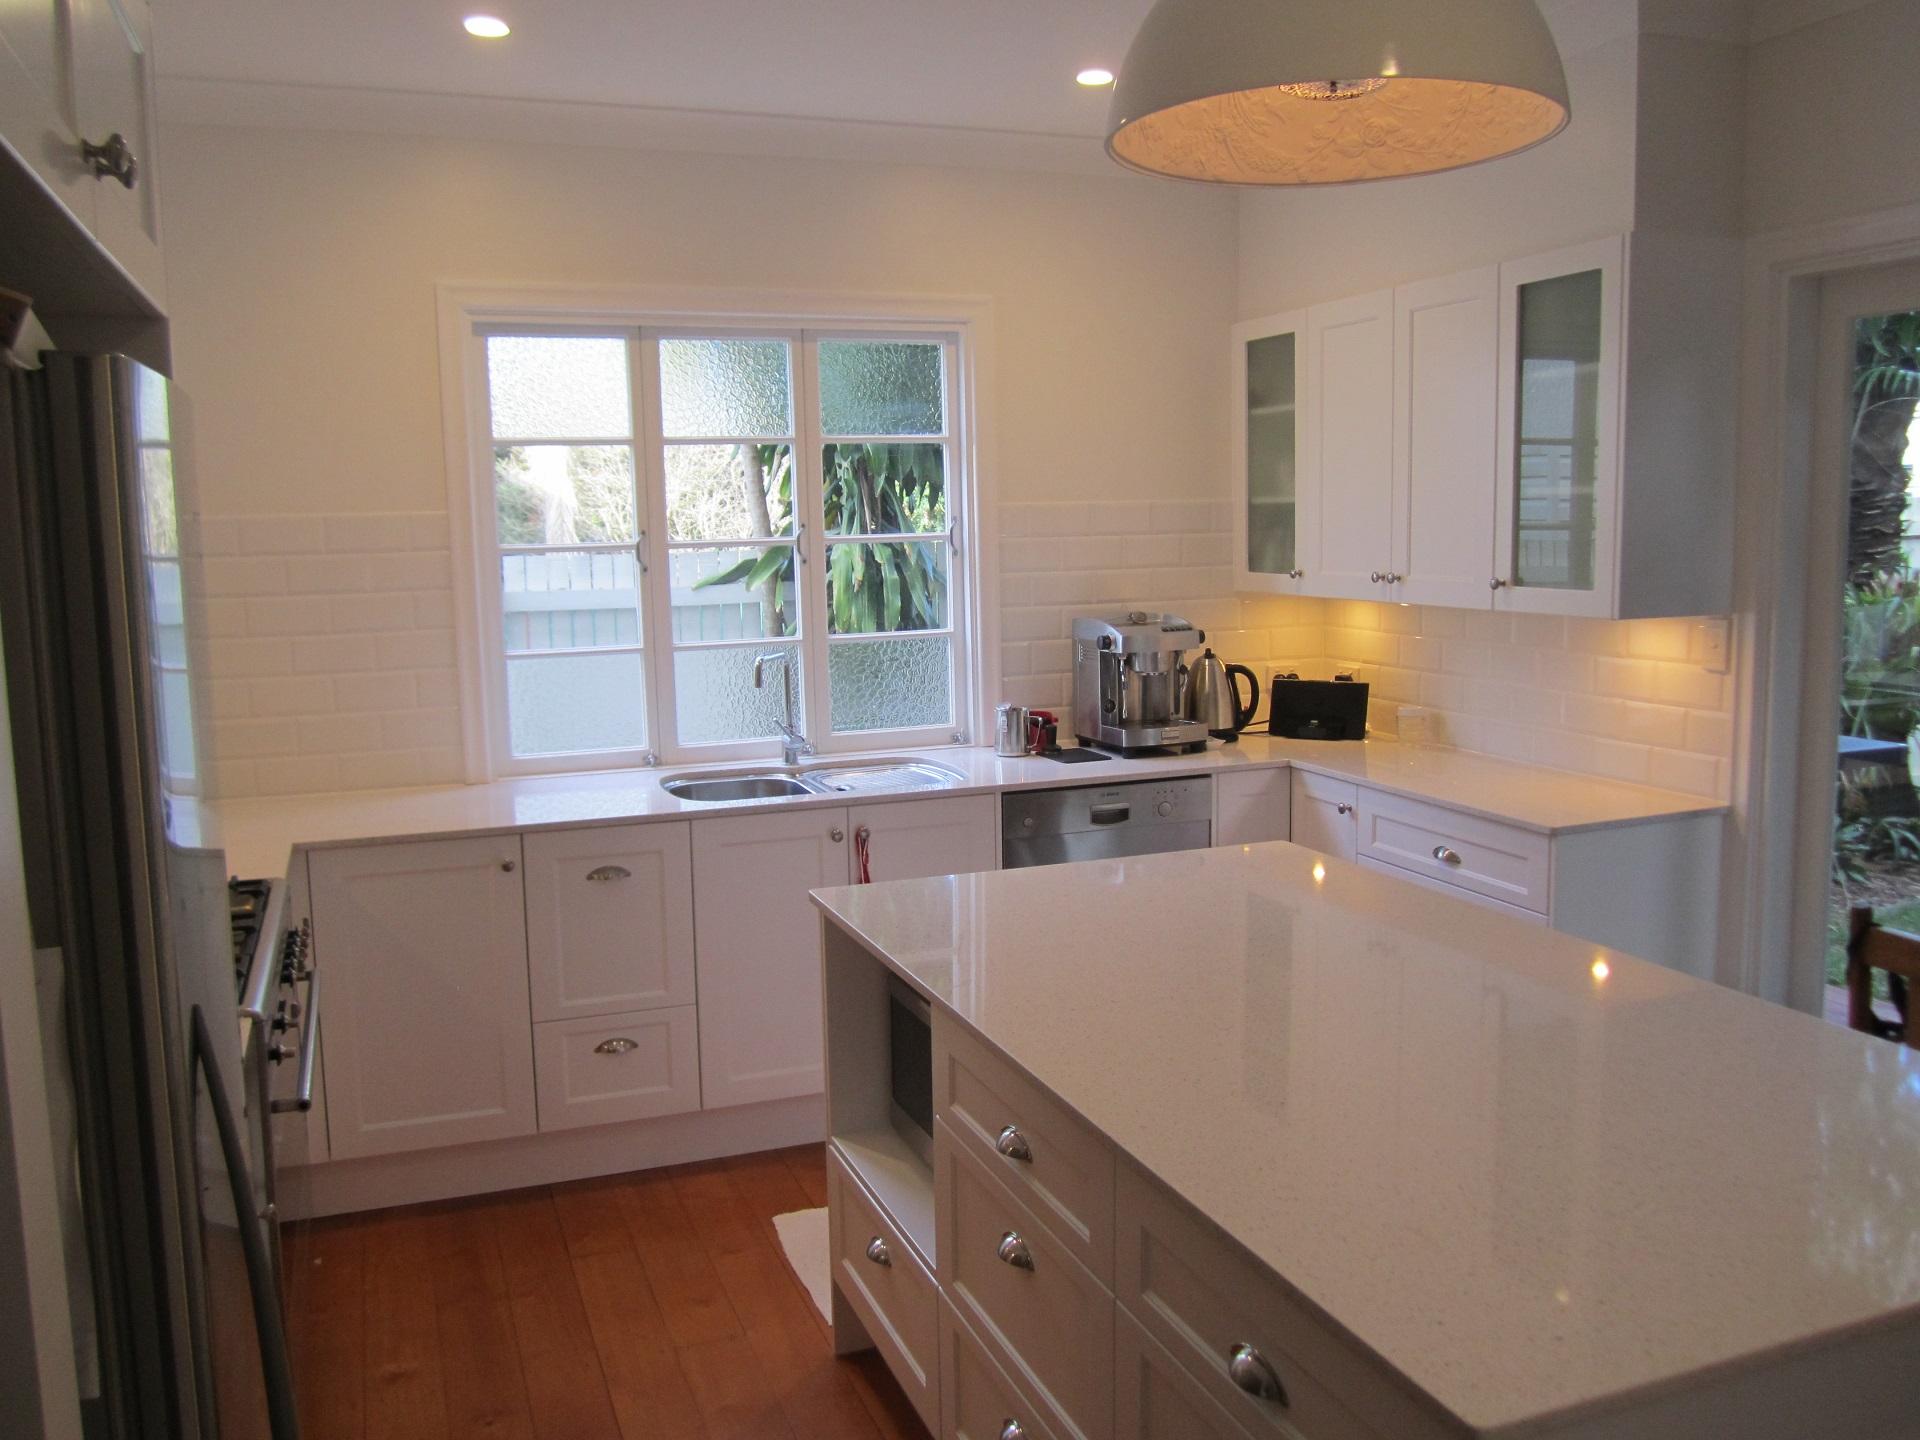 brisbane-kitchen-design-windsor-shaker-kitchen-4